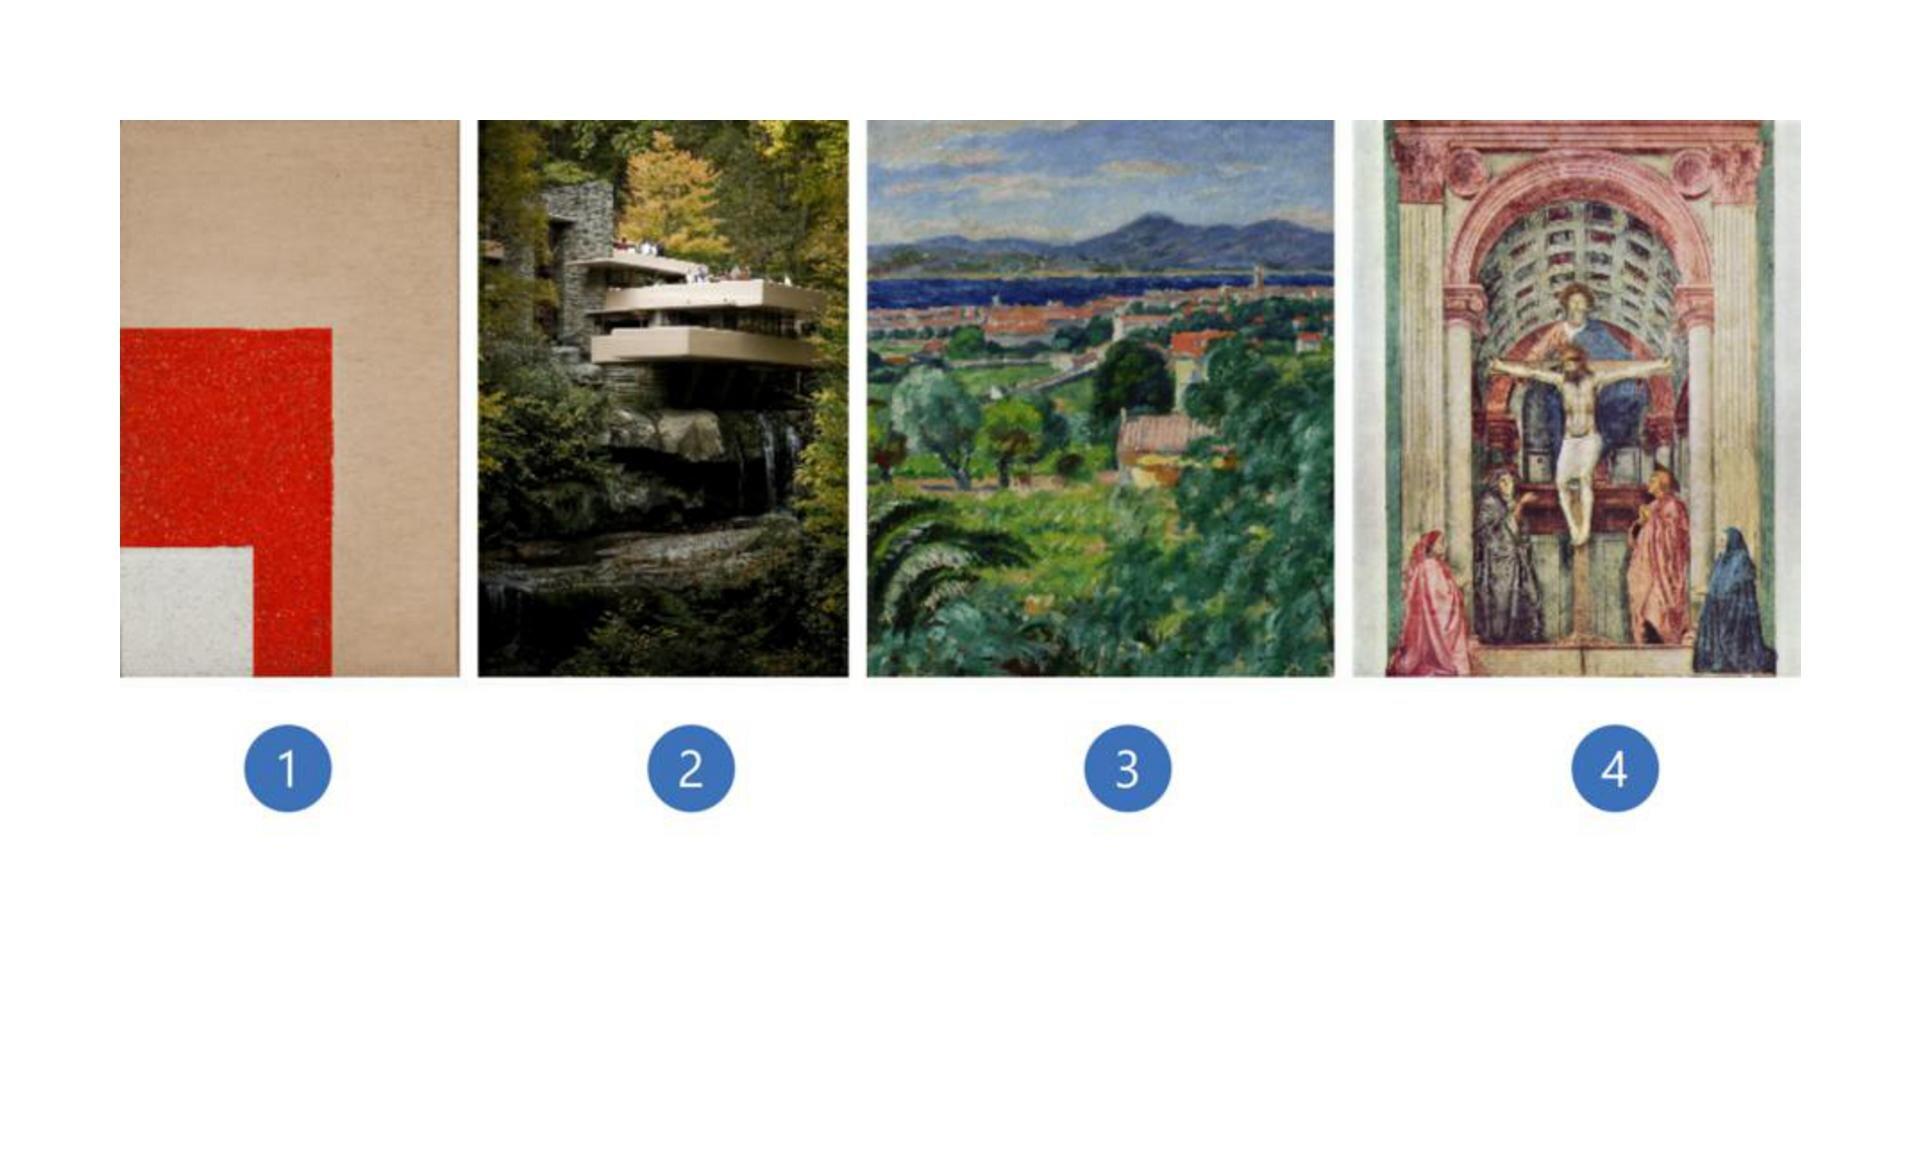 """Pierwsza ilustracja to obraz pt. """"Kompozycja architektoniczna 9c"""". Na obrazie wtle widzimy jasnobrązowy prostokąt. Wlewym dolnym rogu widzimy fragment czerwonego prostokąta. Natomiast na czerwonym prostokącie widzimy biały kwadrat. Druga ilustracja przedstawia dom nad wodospadem znajdujący się wBear Run wUSA. Budynek obrazuje rodzaj architektury organicznej. Część mieszkalna domu znajduje się nad wodospadem. Budynek składa się zdwóch części. Pierwsza wybudowana zszarego kamienia jest po lewej stronie. Po prawej stronie druga część skladająca się ztrzech kondygnacji. Przypomina trzy płyty ułożone jedna nad drugą przedzieloną linią okien. Płyty te stanowią również taras dla każdej kondygnacji. Dom oraz wodospad dookoła otoczone są zielenią - lasem, krzewami. Trzecia ilustracja przedstawia obraz pt. """"Pejzaż zSaint-Tropez"""". Na obrazie widzimy rozciągający się krajobraz francuskiego miasta Saint-Tropez. Znajdują się liczne drzewa oraz krzewy. Wtle widoczne są góry. Dzieło jest wykonane wperspektywie barwnej tj. malarskiej. Czwarta ilustracja to obraz """"Święta Trójca"""". Wcentralnym punkcie znajduje się ukrzyżowany Chrystus. Nad nim góruje postać Boga Ojca, apomiędzy nimi wpostaci gołębicy, Duch Święty. Po obu bokach krzyża stoi Maria iśw. Jan. Scena jest oddzielona wysokim progiem irzymskim łukiem triumfalnym. Głębie pomieszczenia akcentują dwie dodatkowe postacie klęczące przed bocznymi kolumnami."""